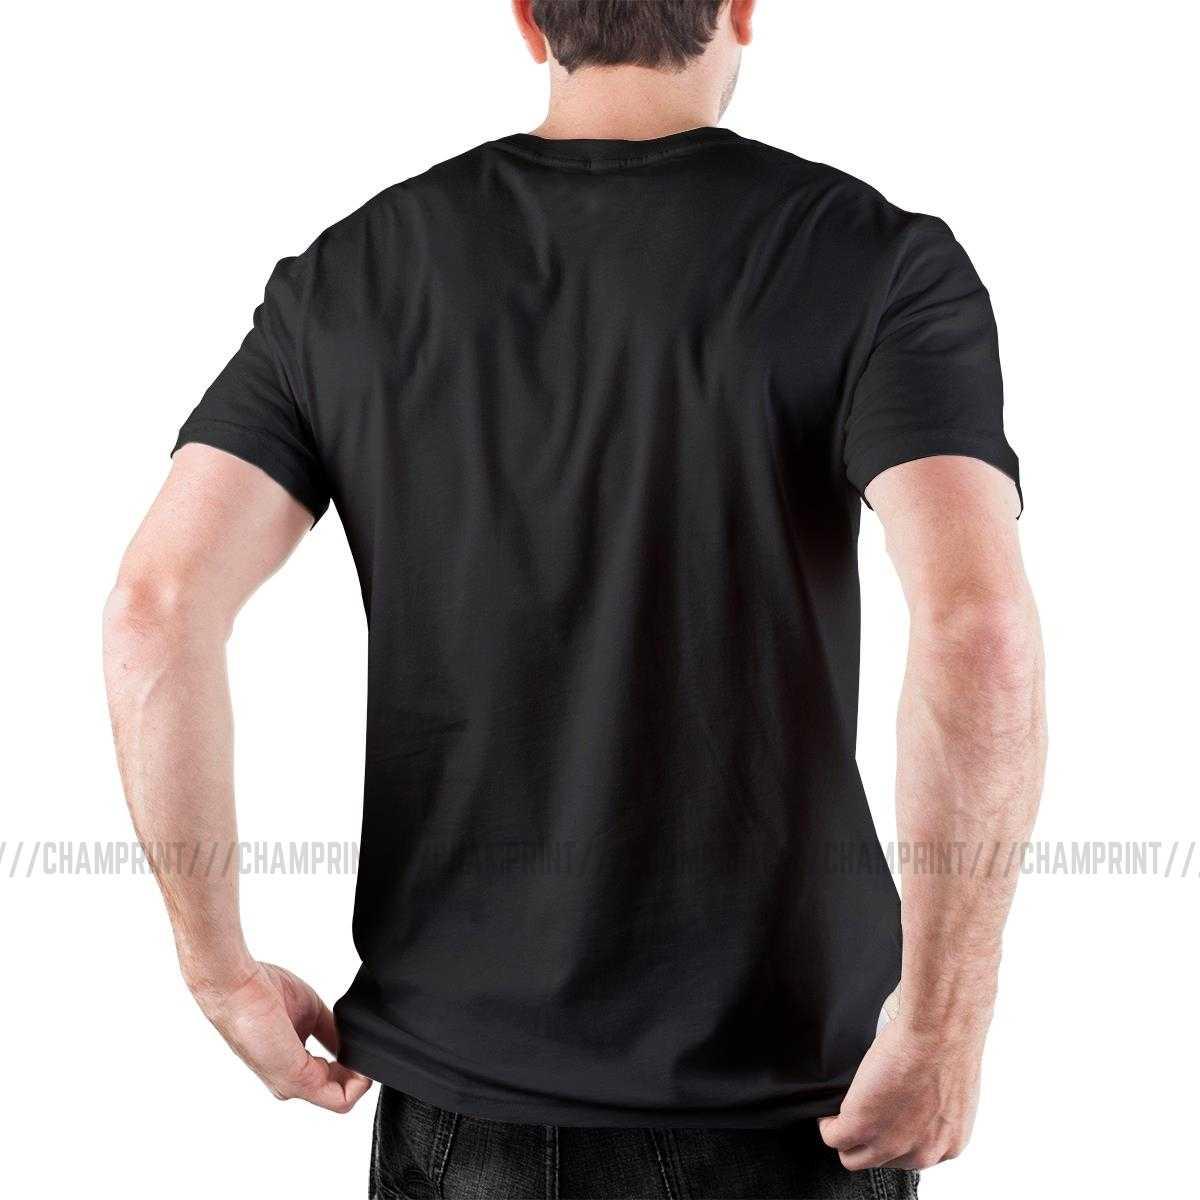 Enjoystick Streets Of Rage Uomini T Camicia Genesis Gioco Vintage Vintage Magliette Manica Corta Girocollo T-Shirt in Cotone Idea Regalo Vestiti